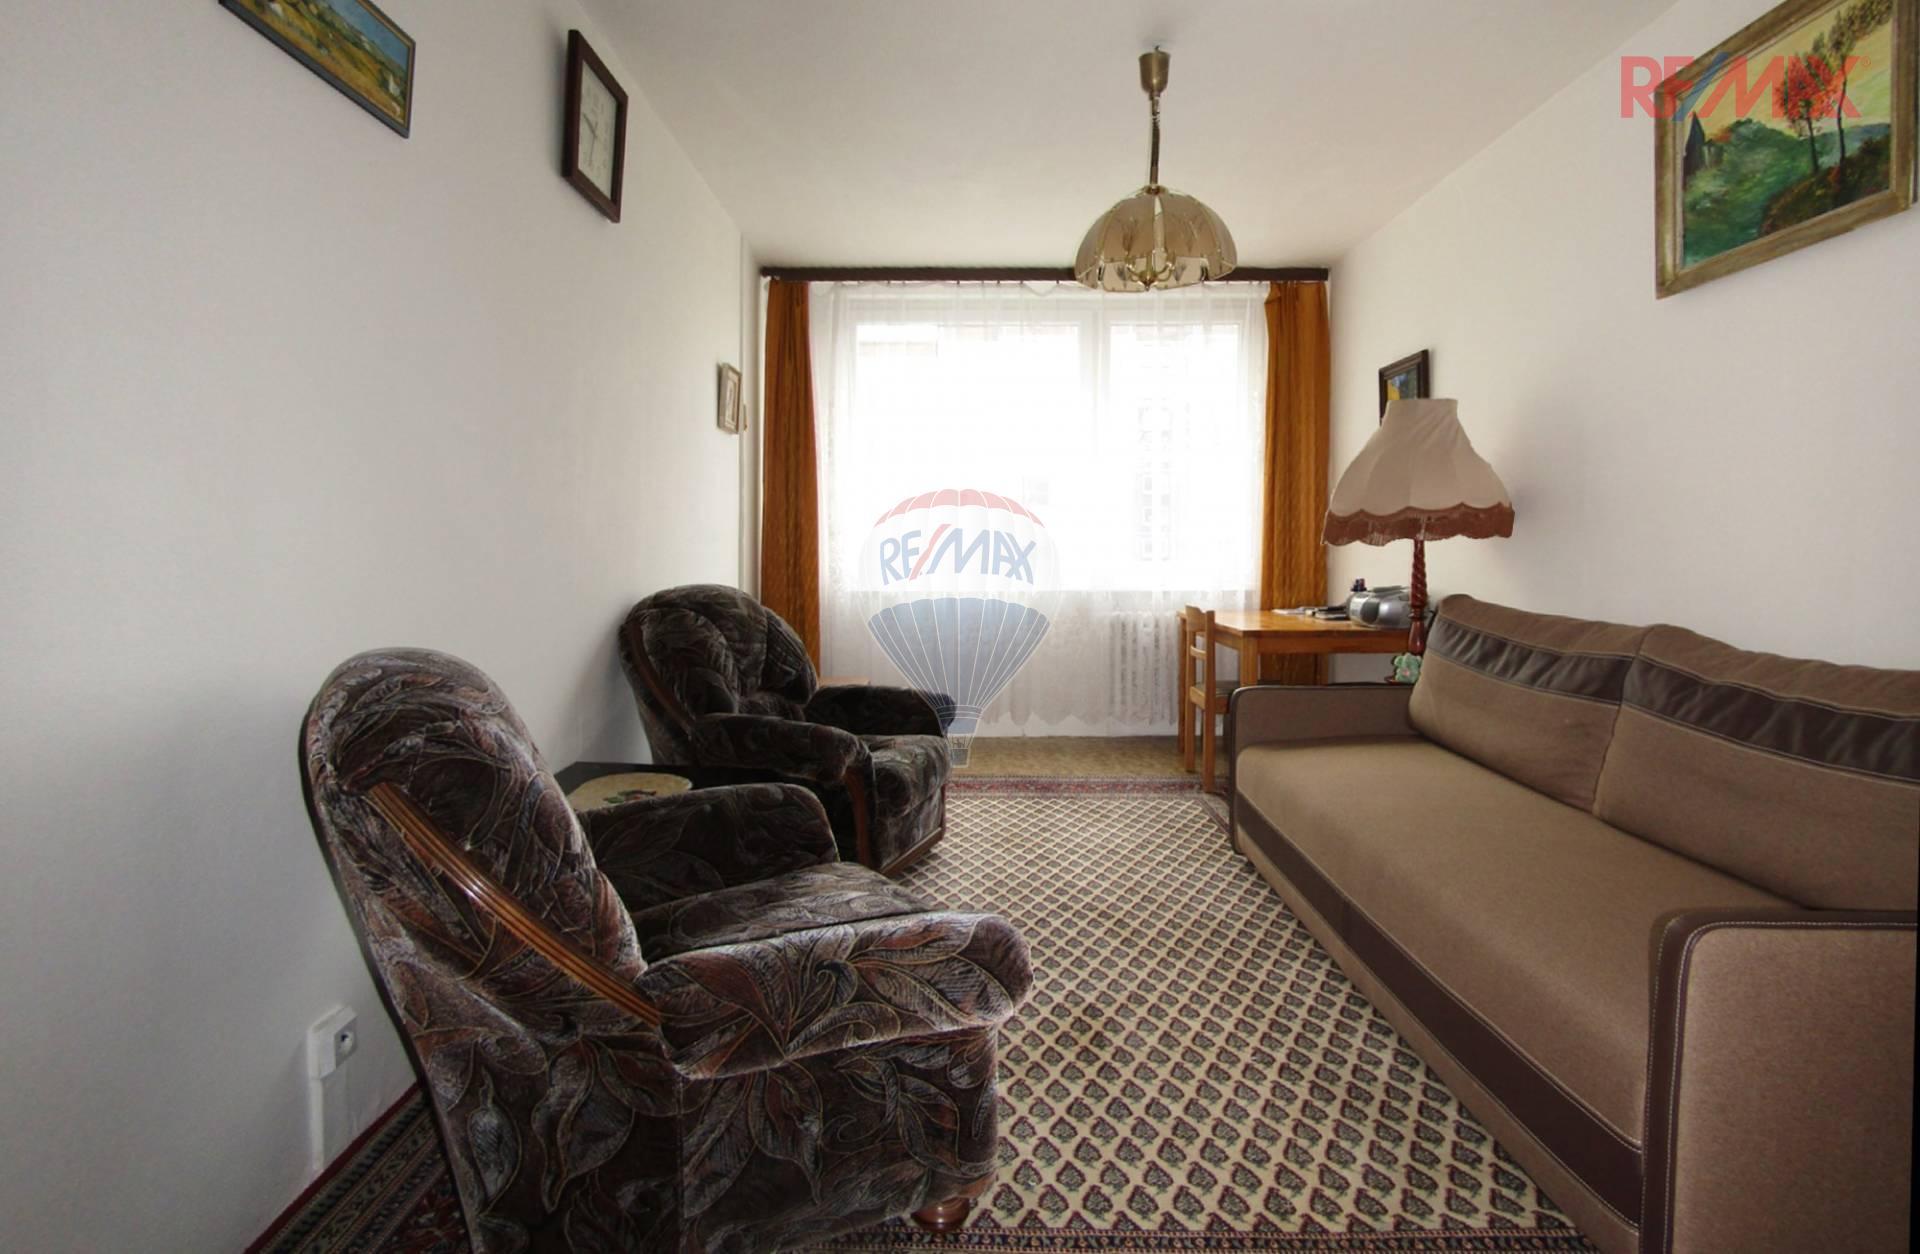 Prodej družstevního bytu 2+kk 47 m2 , V remízku, Praha 5